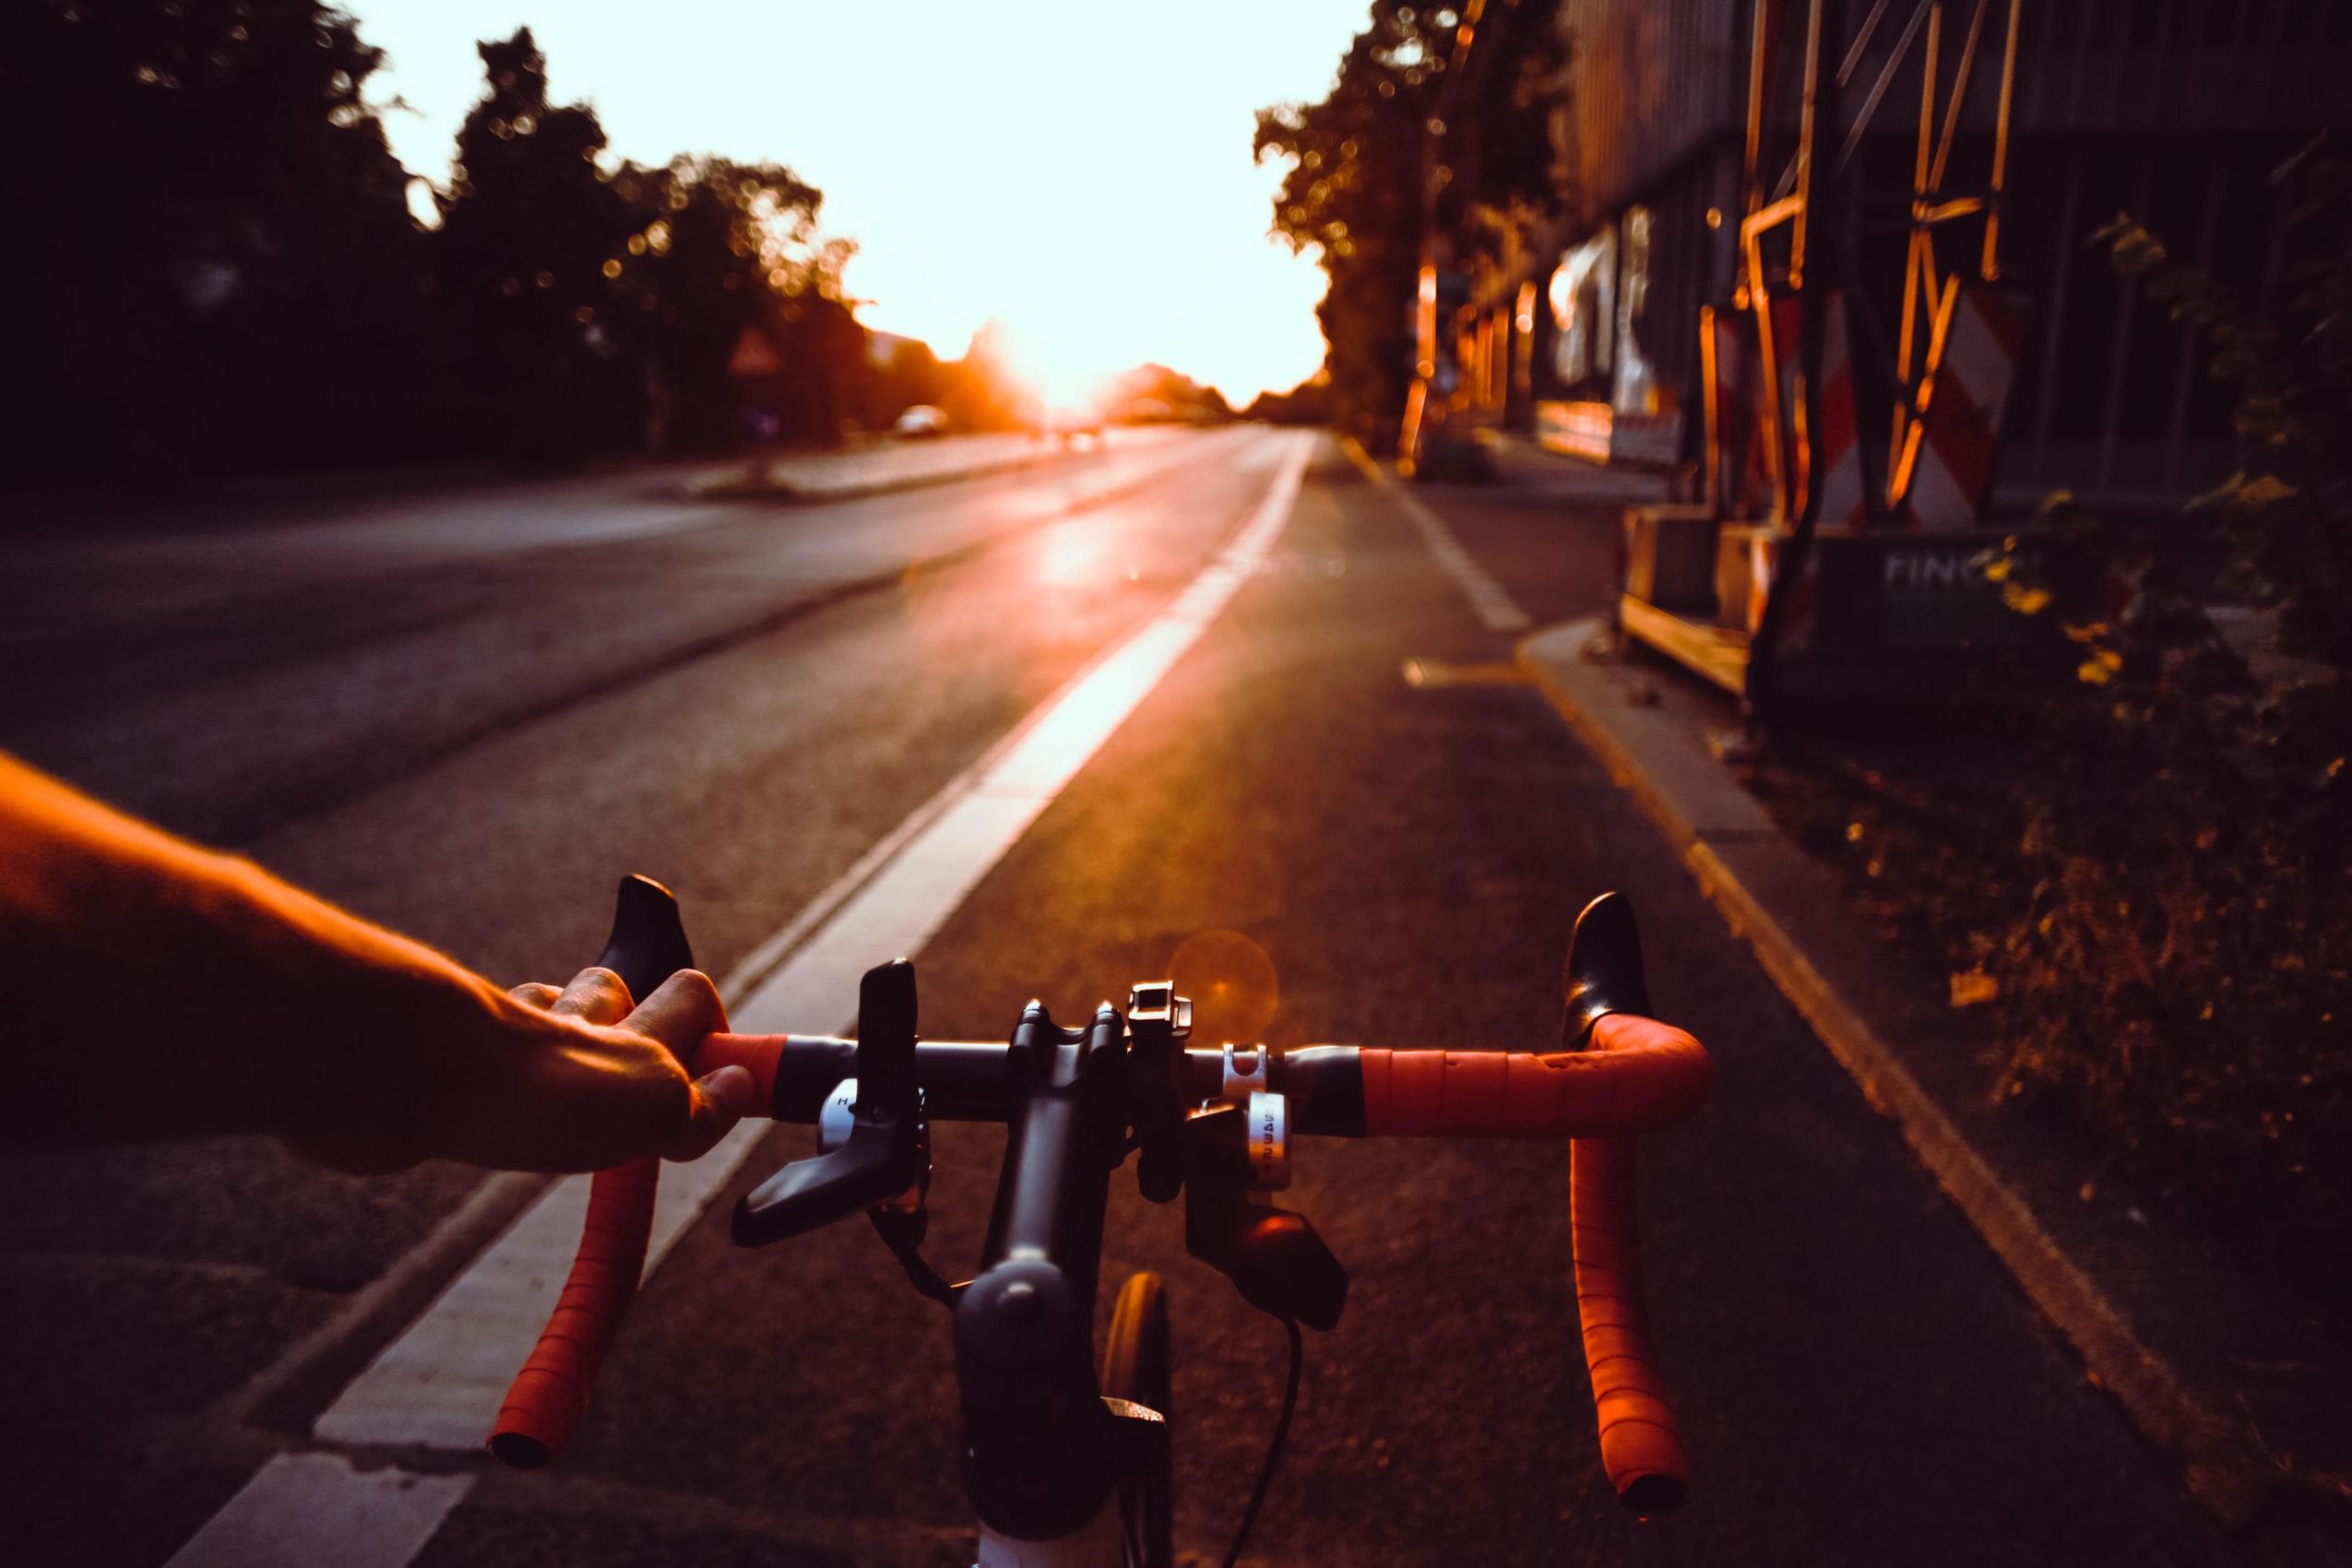 Fahrt auf Elektro-Fahrrad